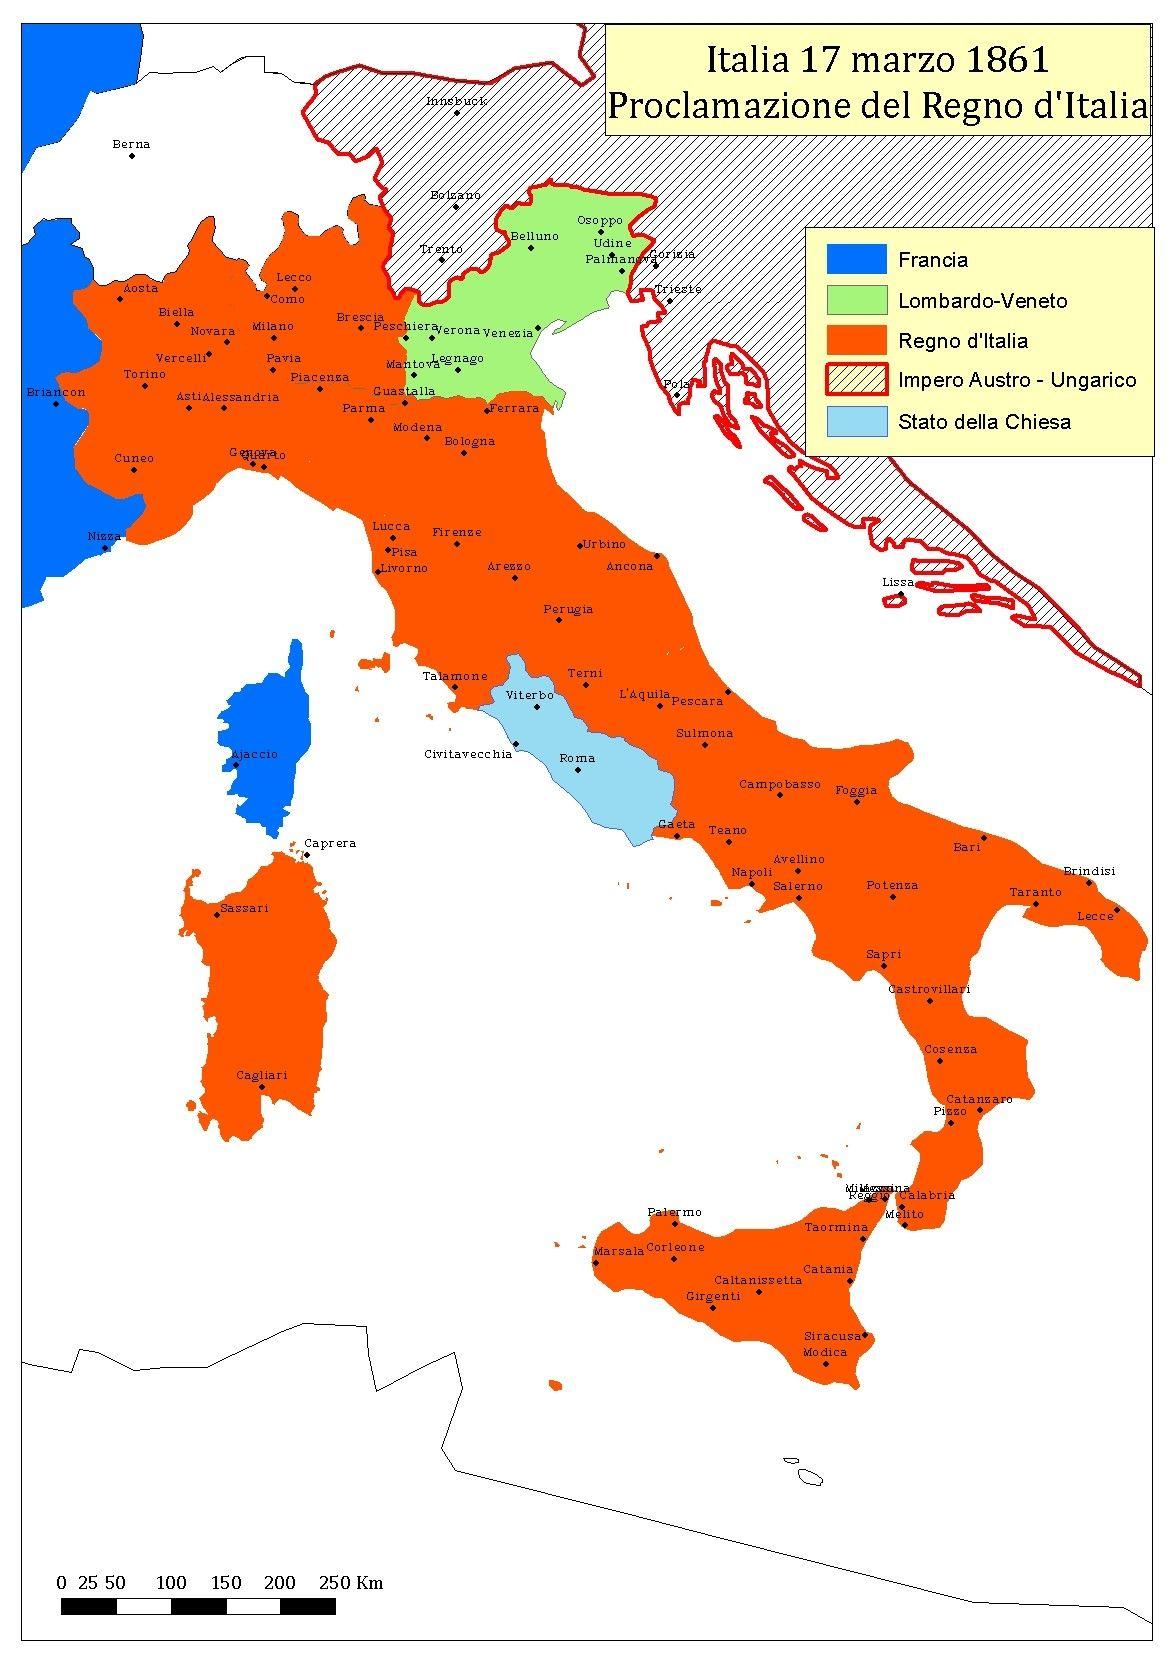 Cartina Italia 1860.Risorgimento L Italia Nel 1861 Mappa Dell Italia Geografia Mappe Antiche